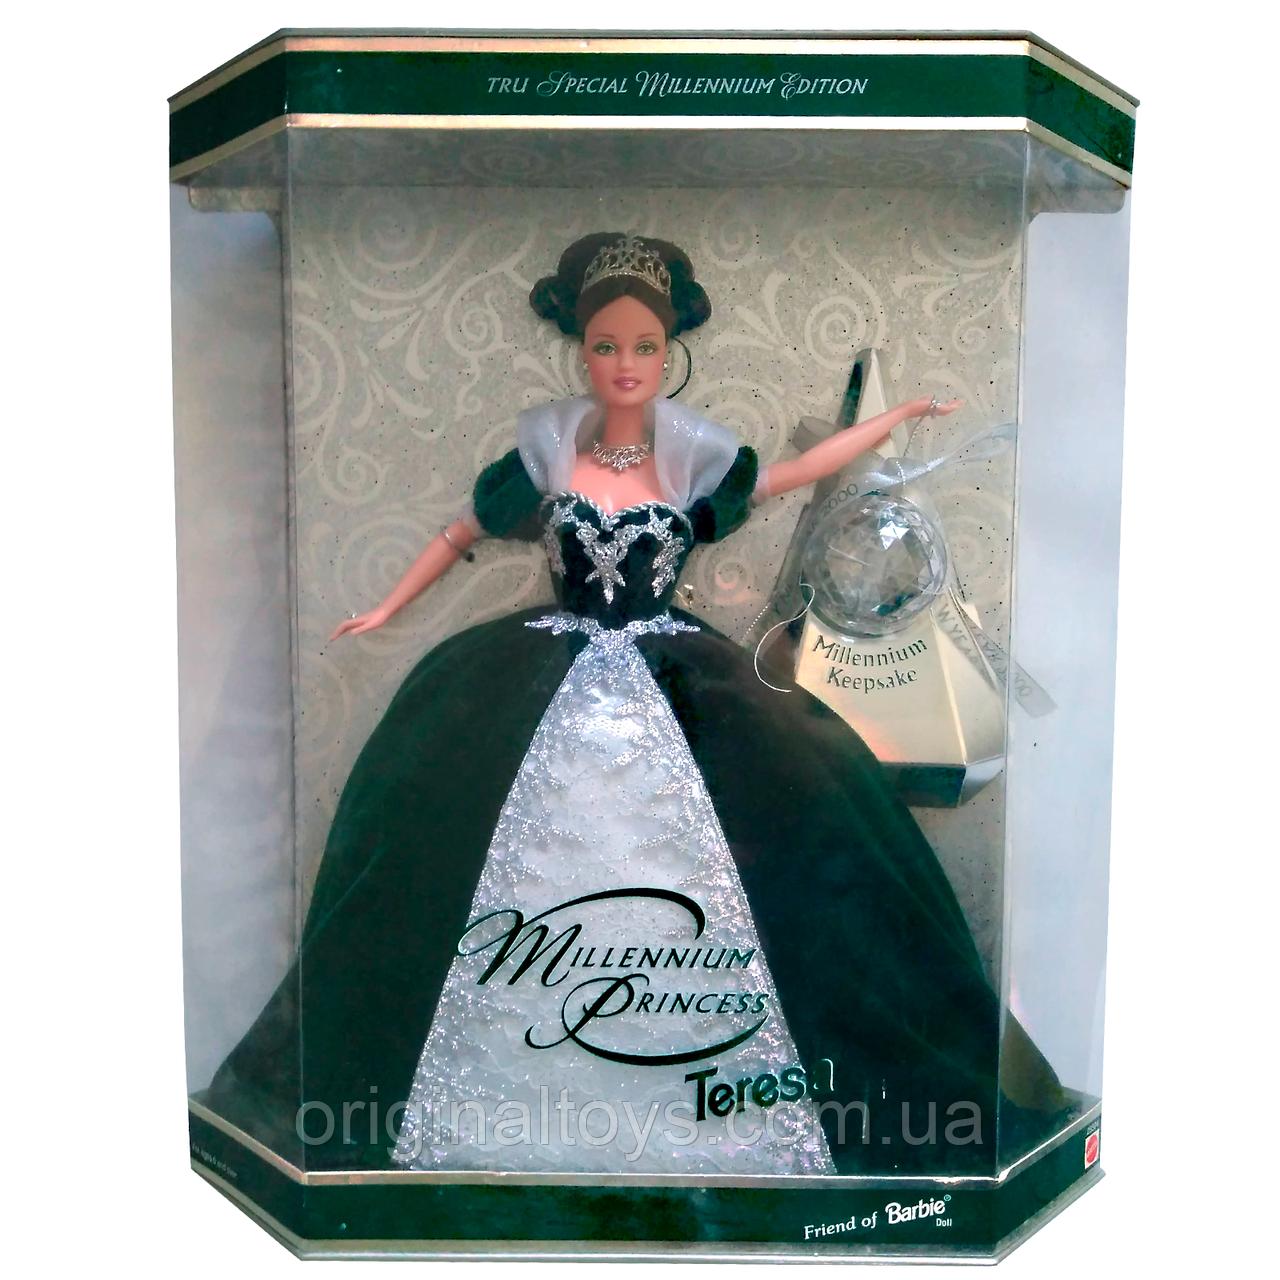 Колекційна лялька Тереза Millennium Princess Teresa Special Edition 1999 Mattel 25504